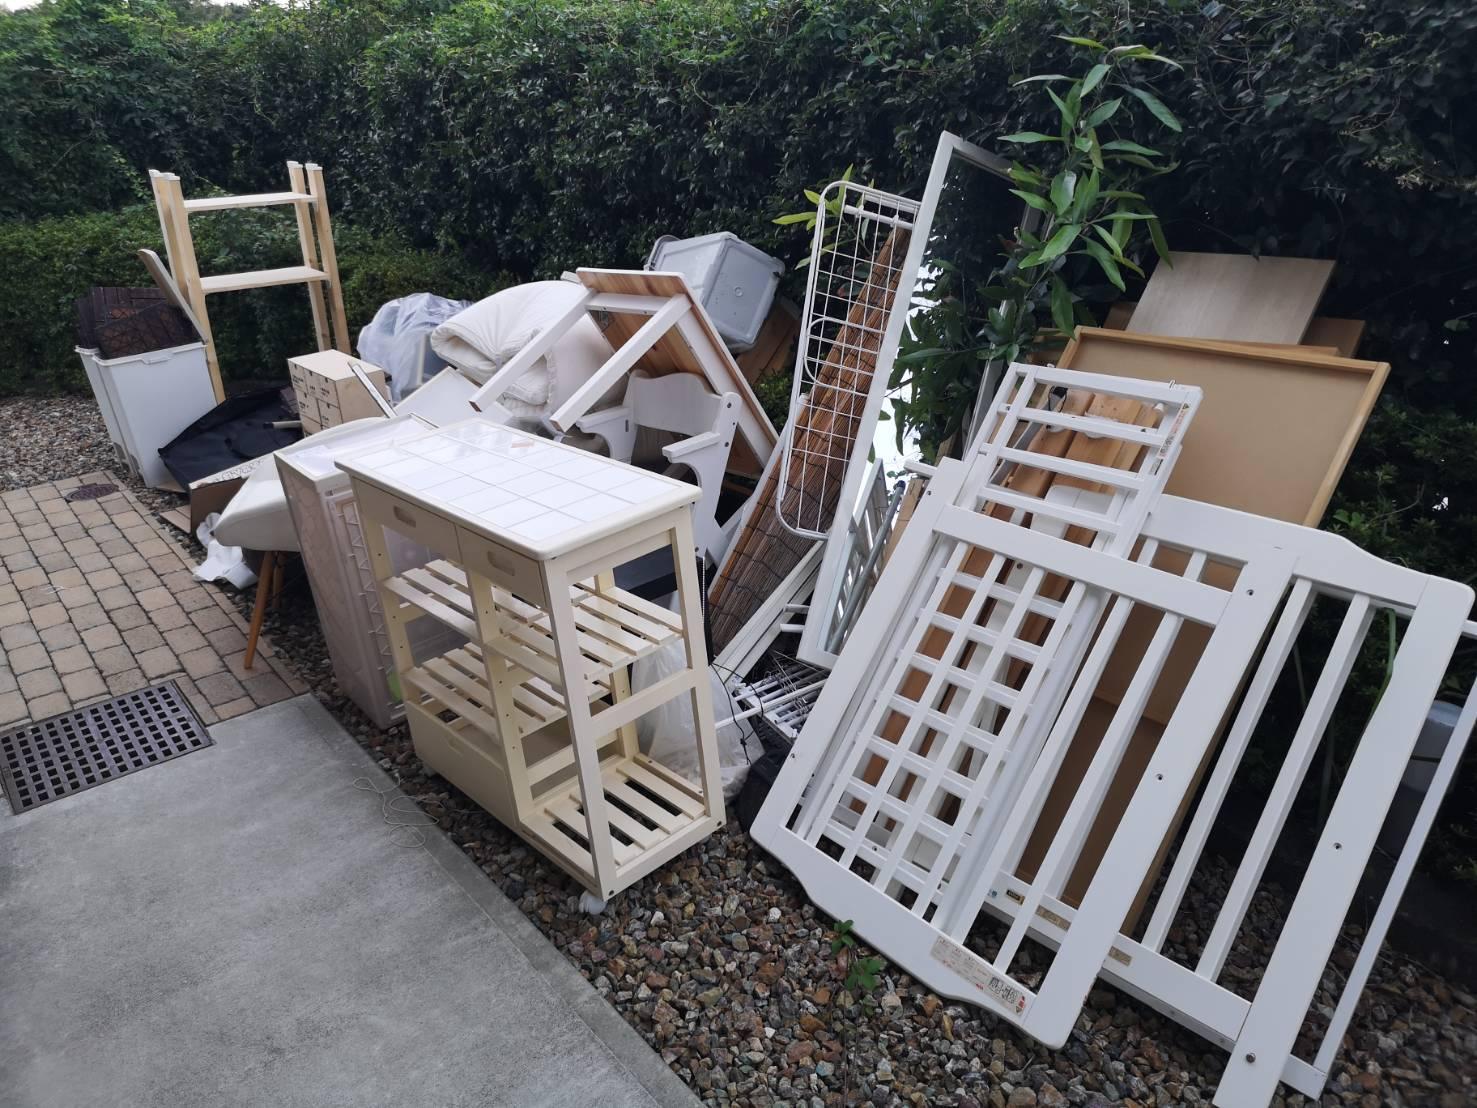 全身鏡、収納家具などの不用品の回収前